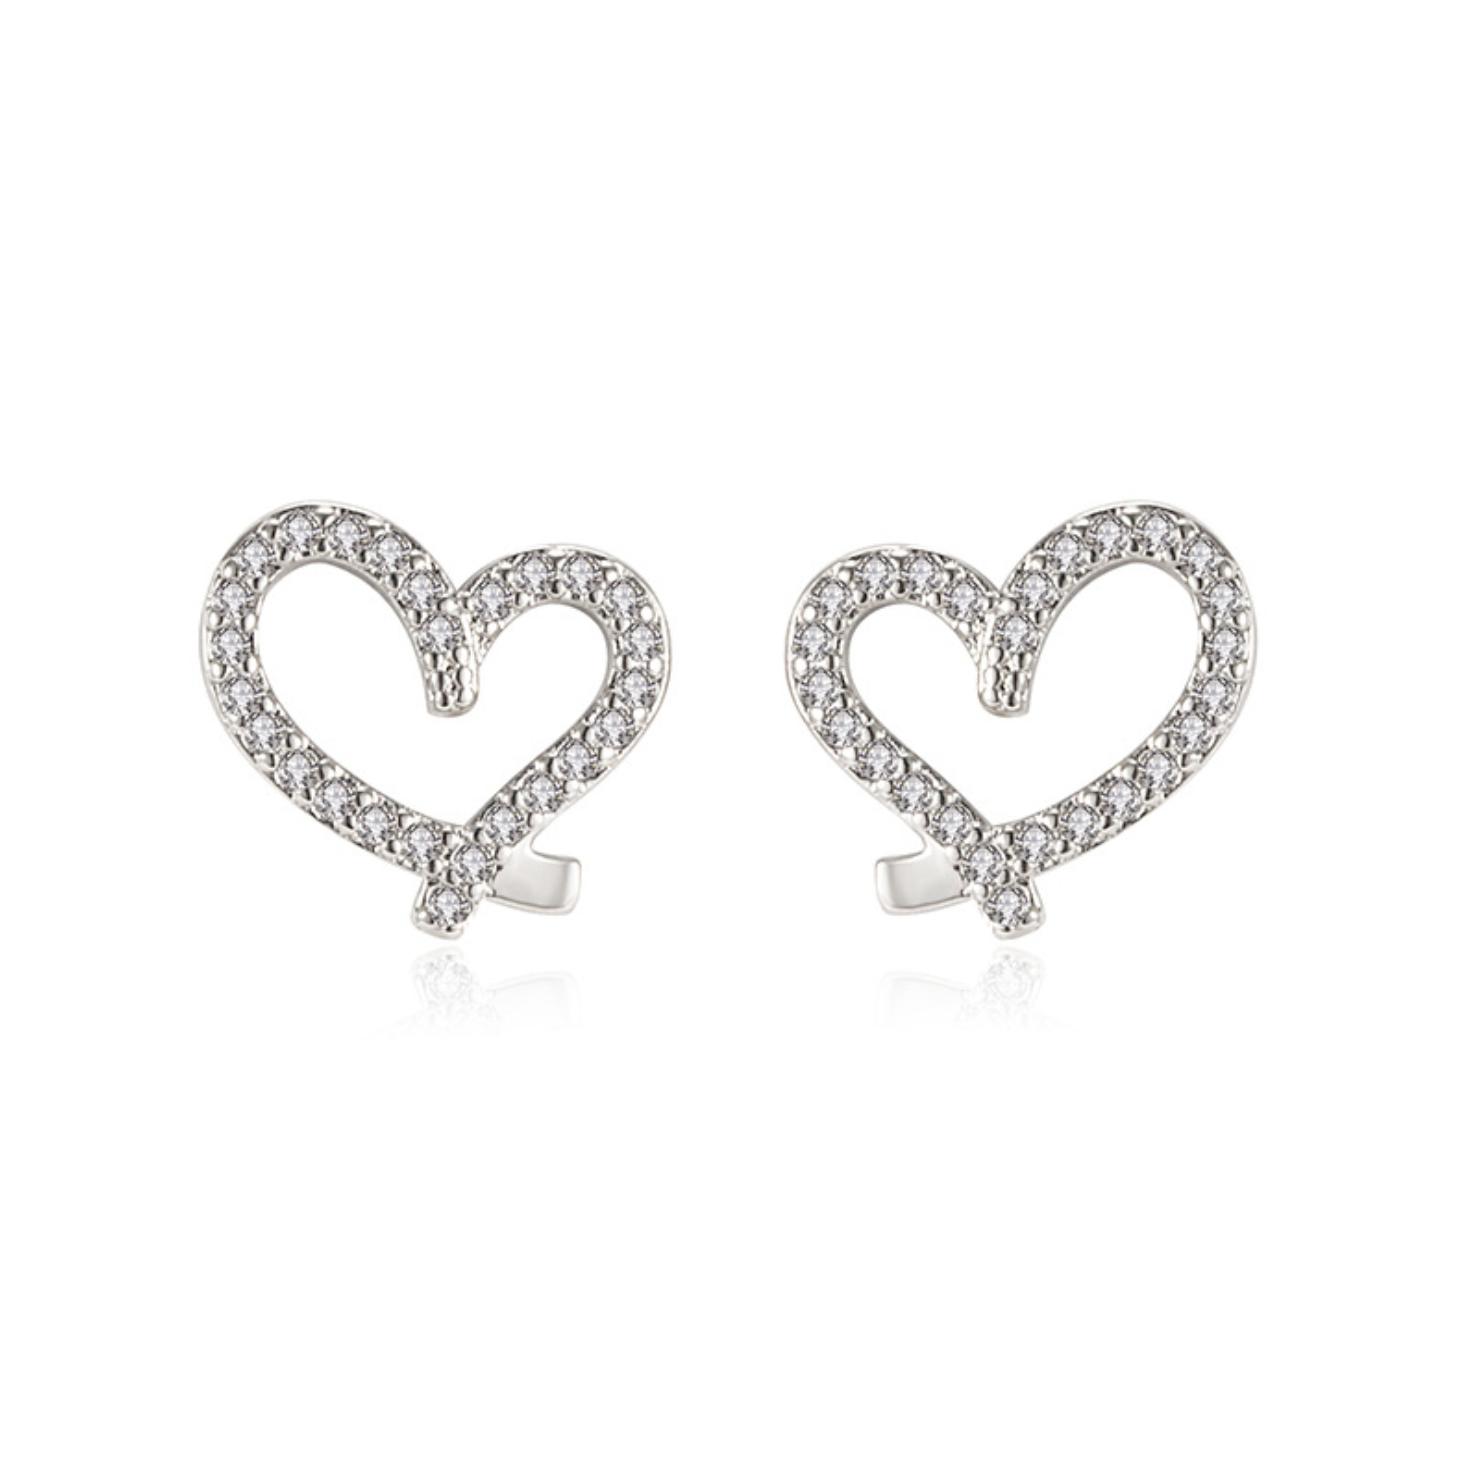 Jewellery - 925 Sterling Silver Hollow Heart Stone Stud Earrings Womens Girls Jewellery Gift